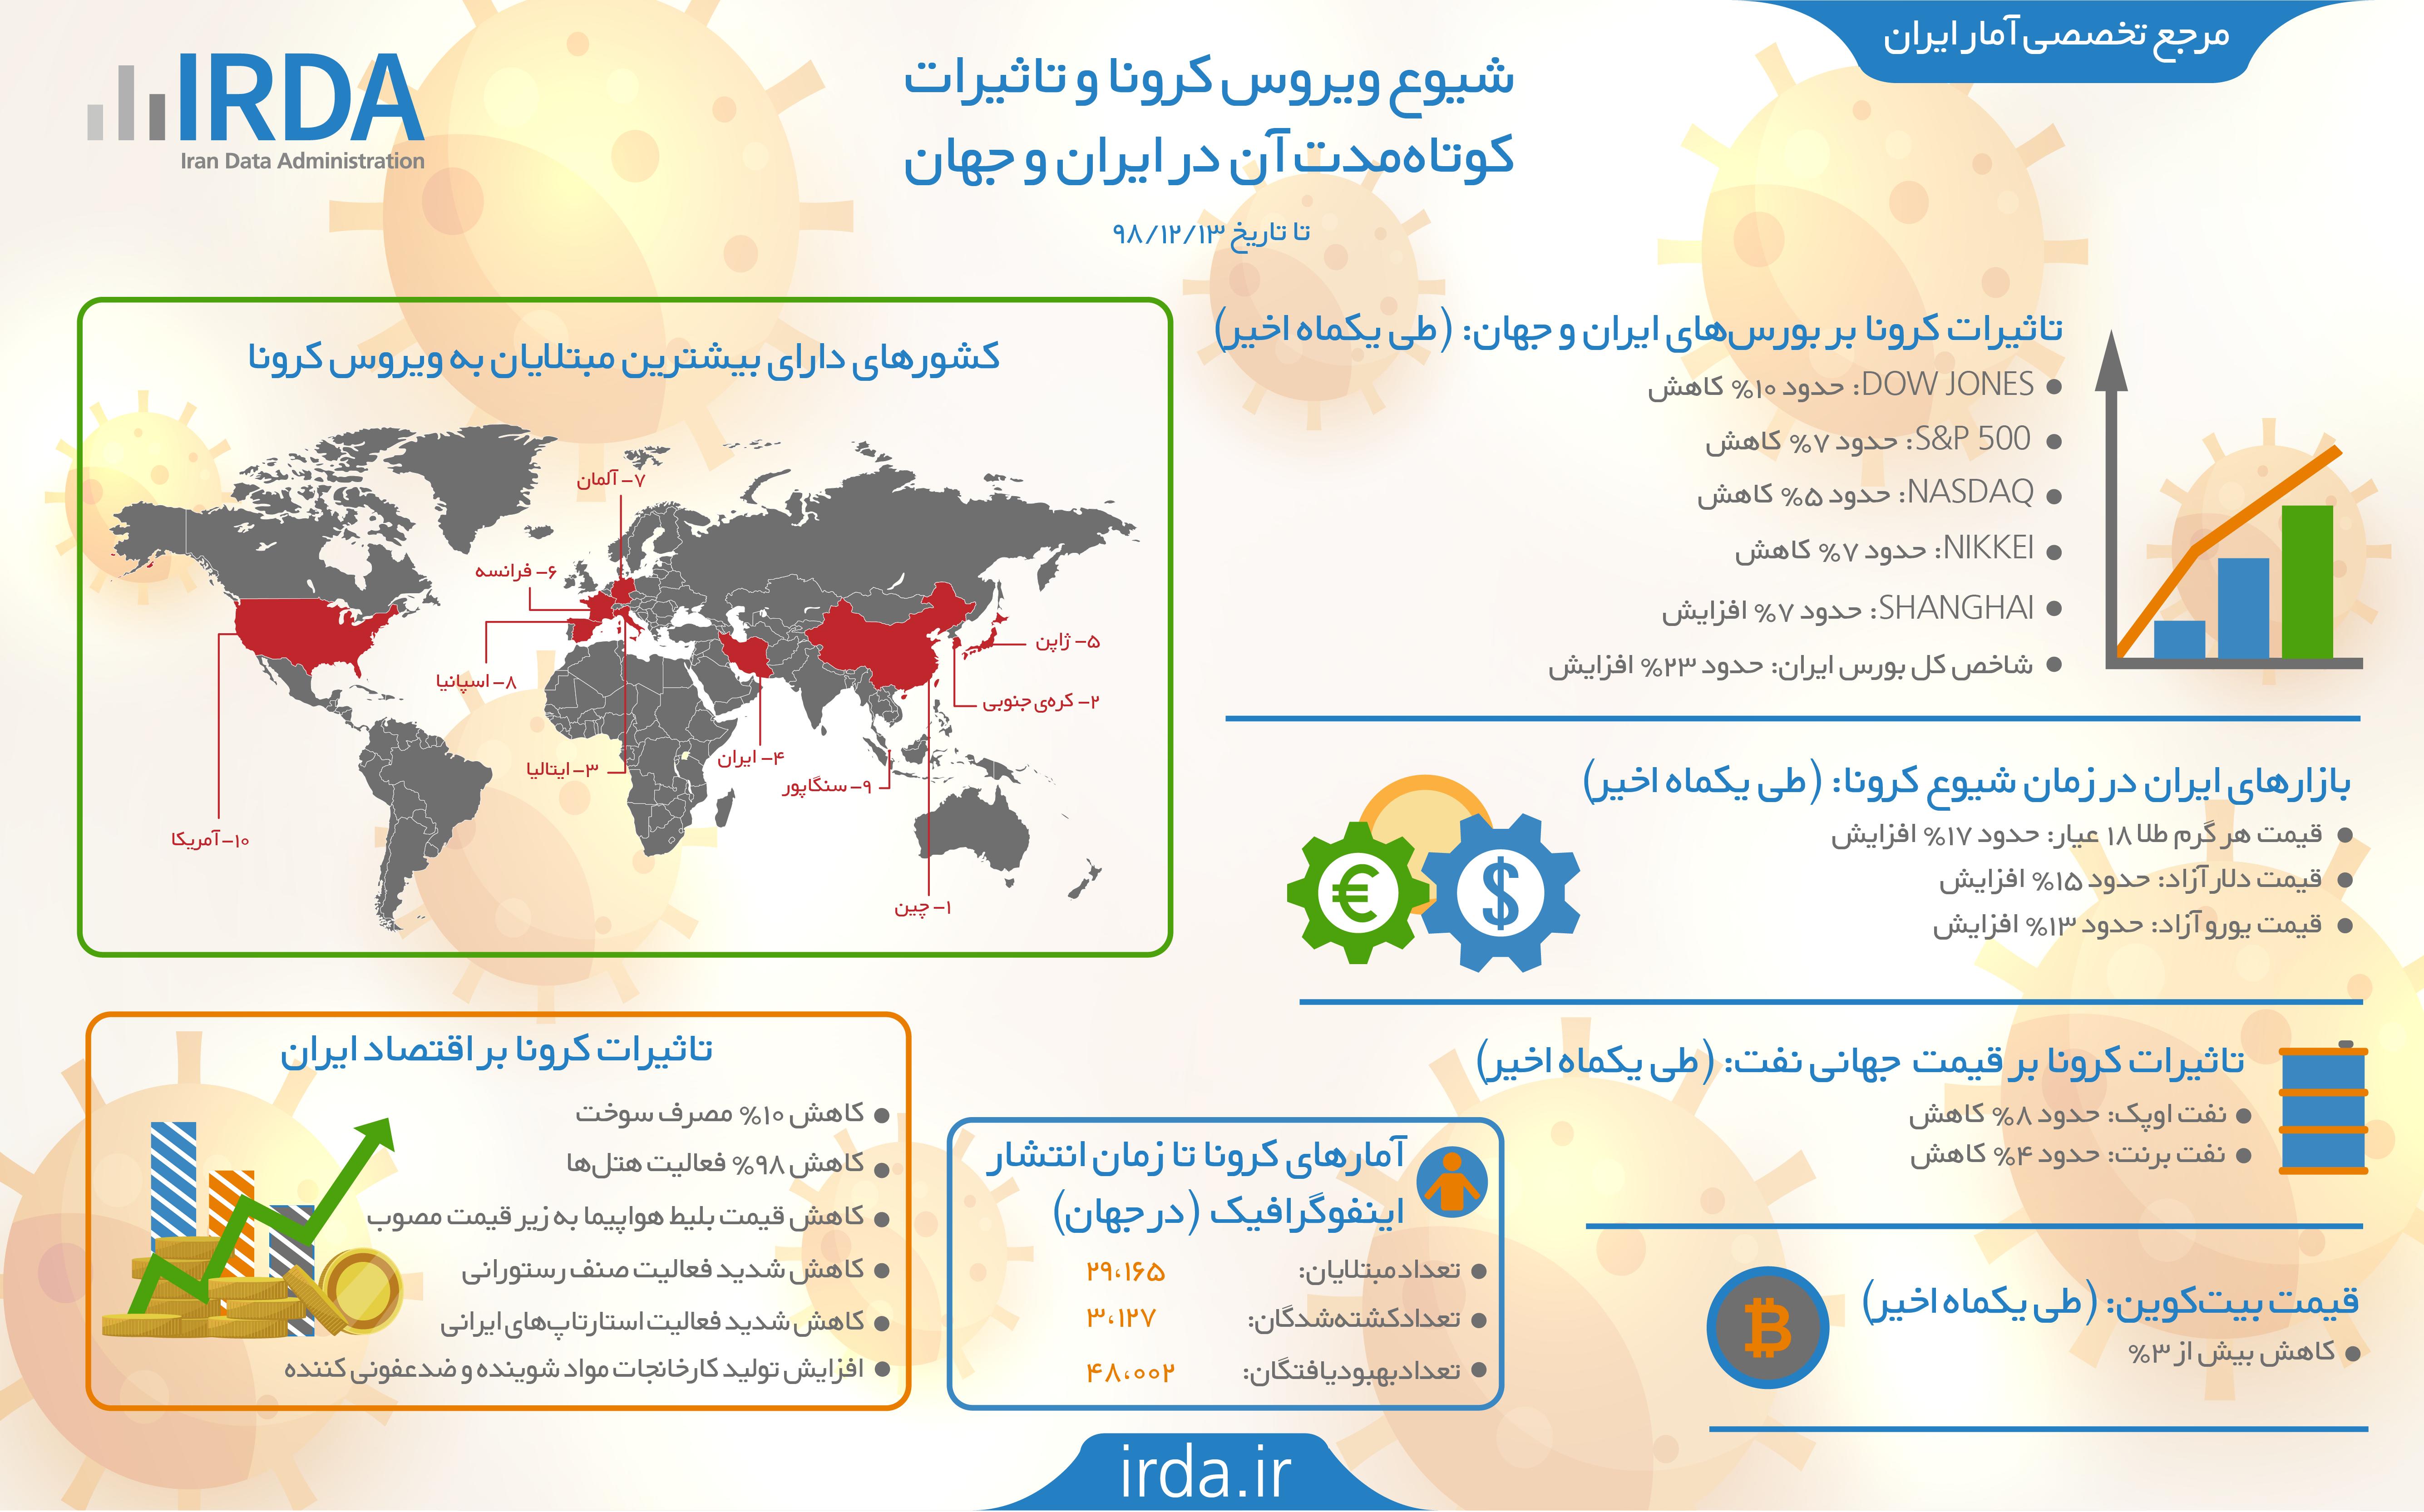 شیوع ویروس کرونا و تاثیرات کوتاه مدت آن در ایران و جهان